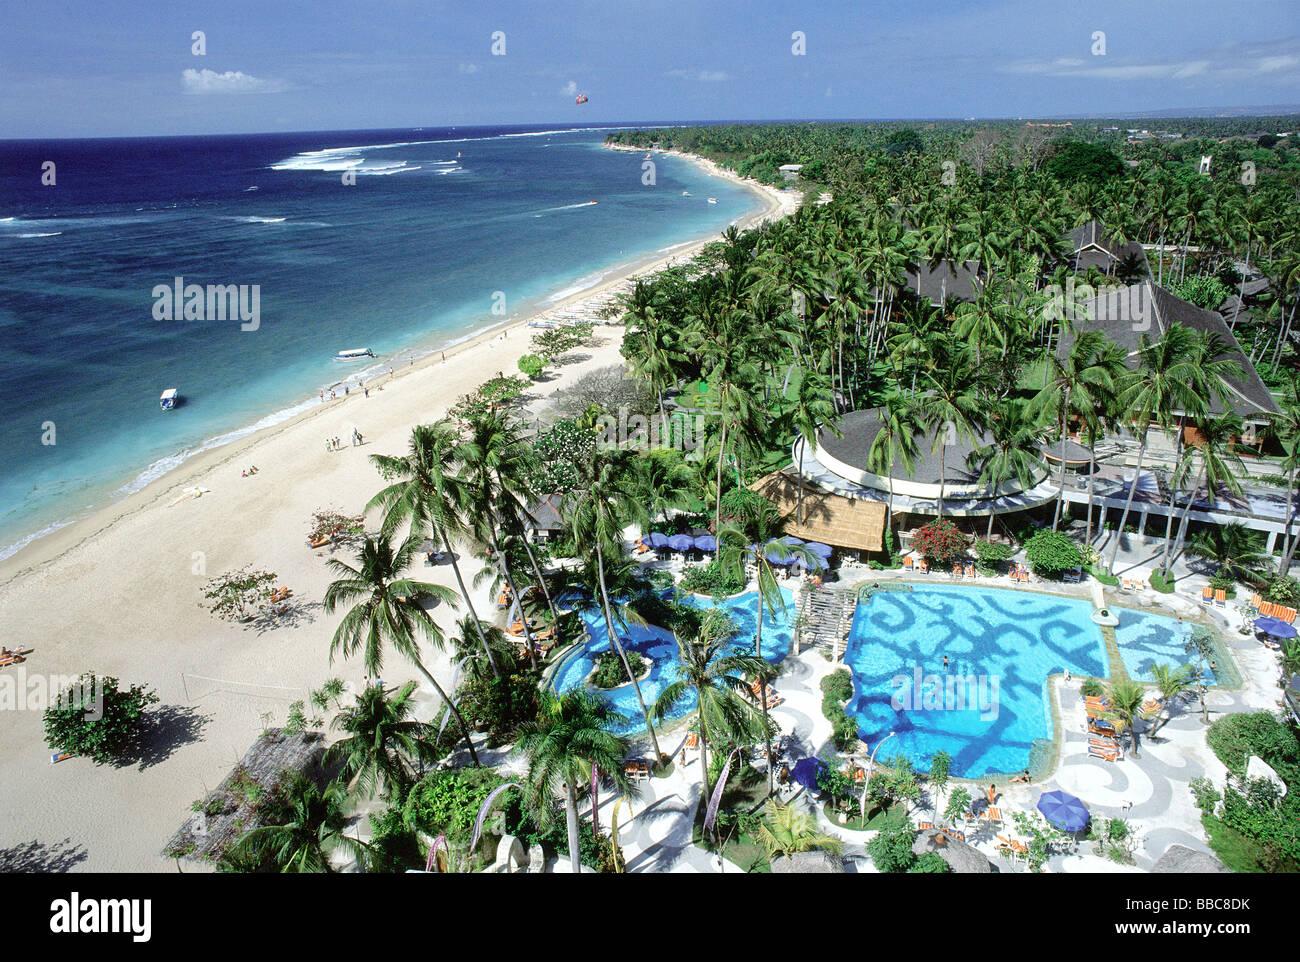 Bali Beach Hotel Bali